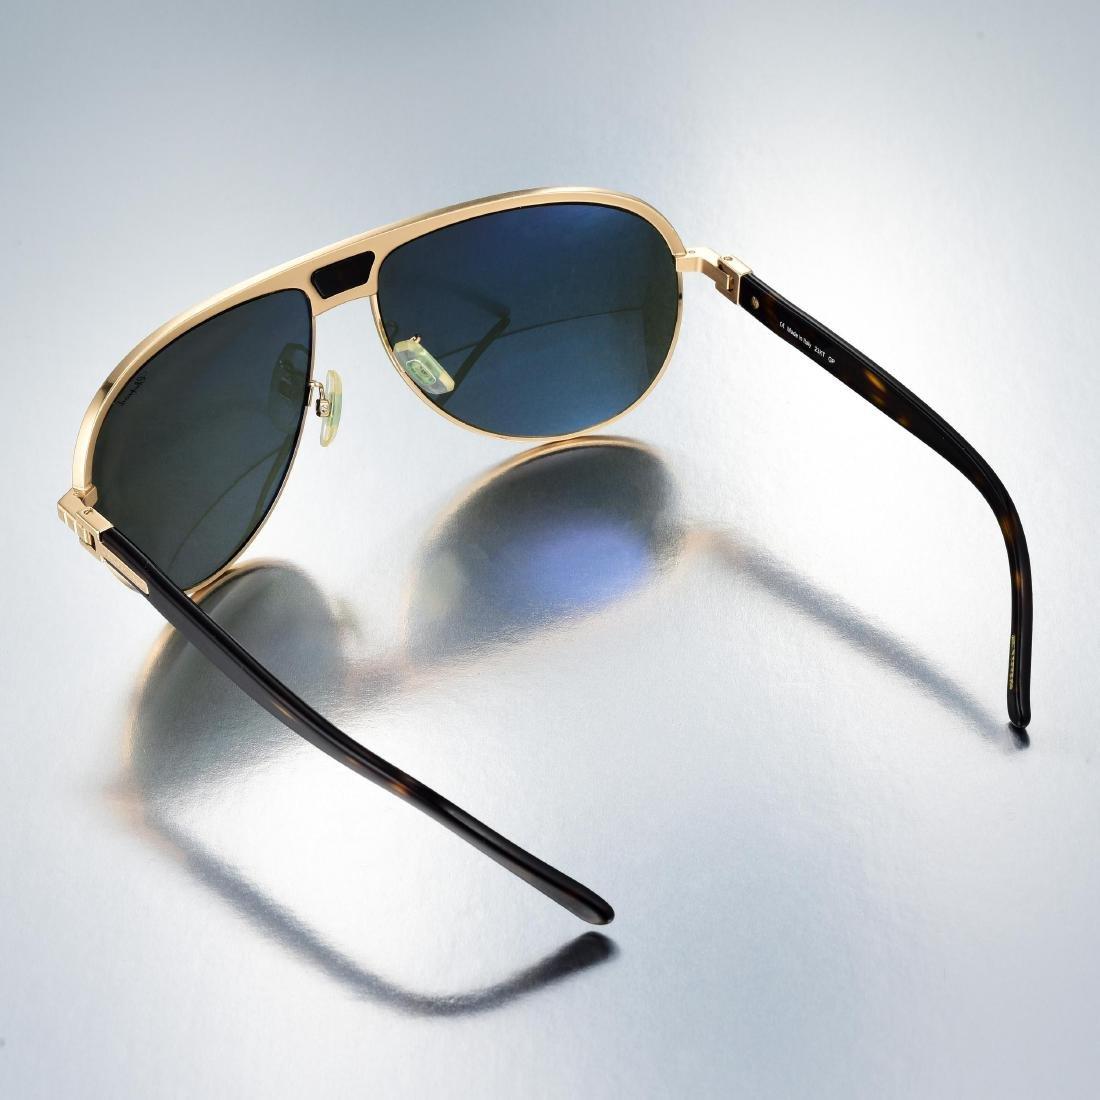 Chopard Sunglasses - 3